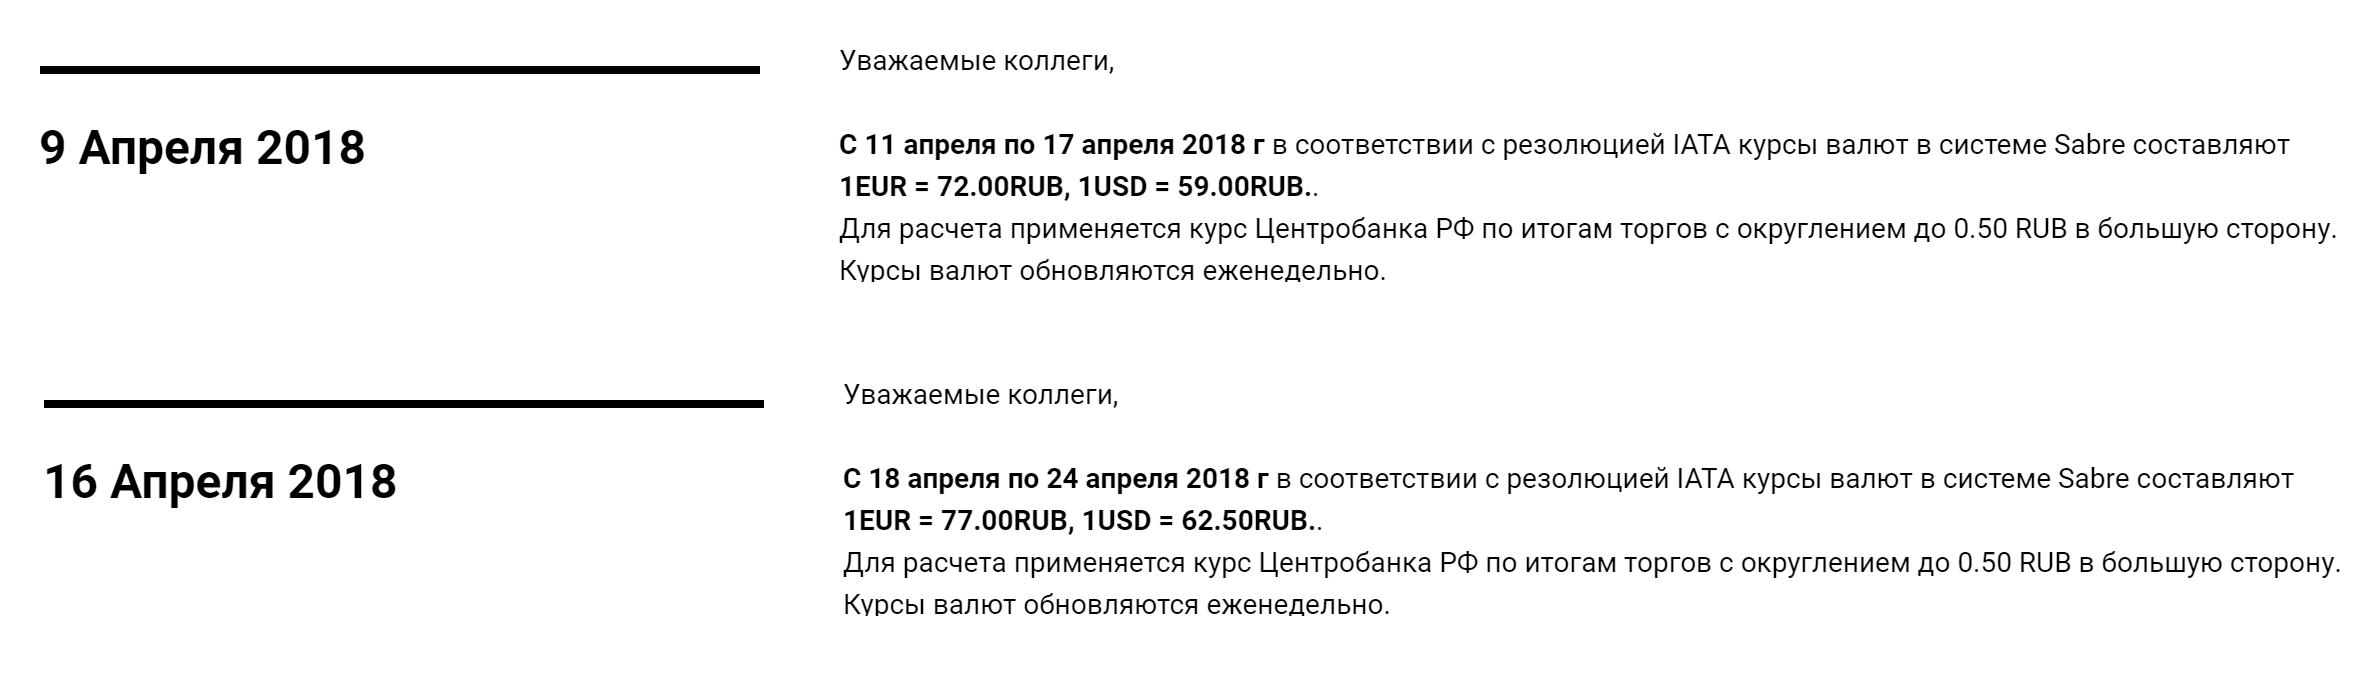 С 18 по 24 апреля для авиакомпаний 1 евро стоил 77 рублей, даже если бы рубль подешевел вдвое. Курсы ИАТА округляются до 50 копеек